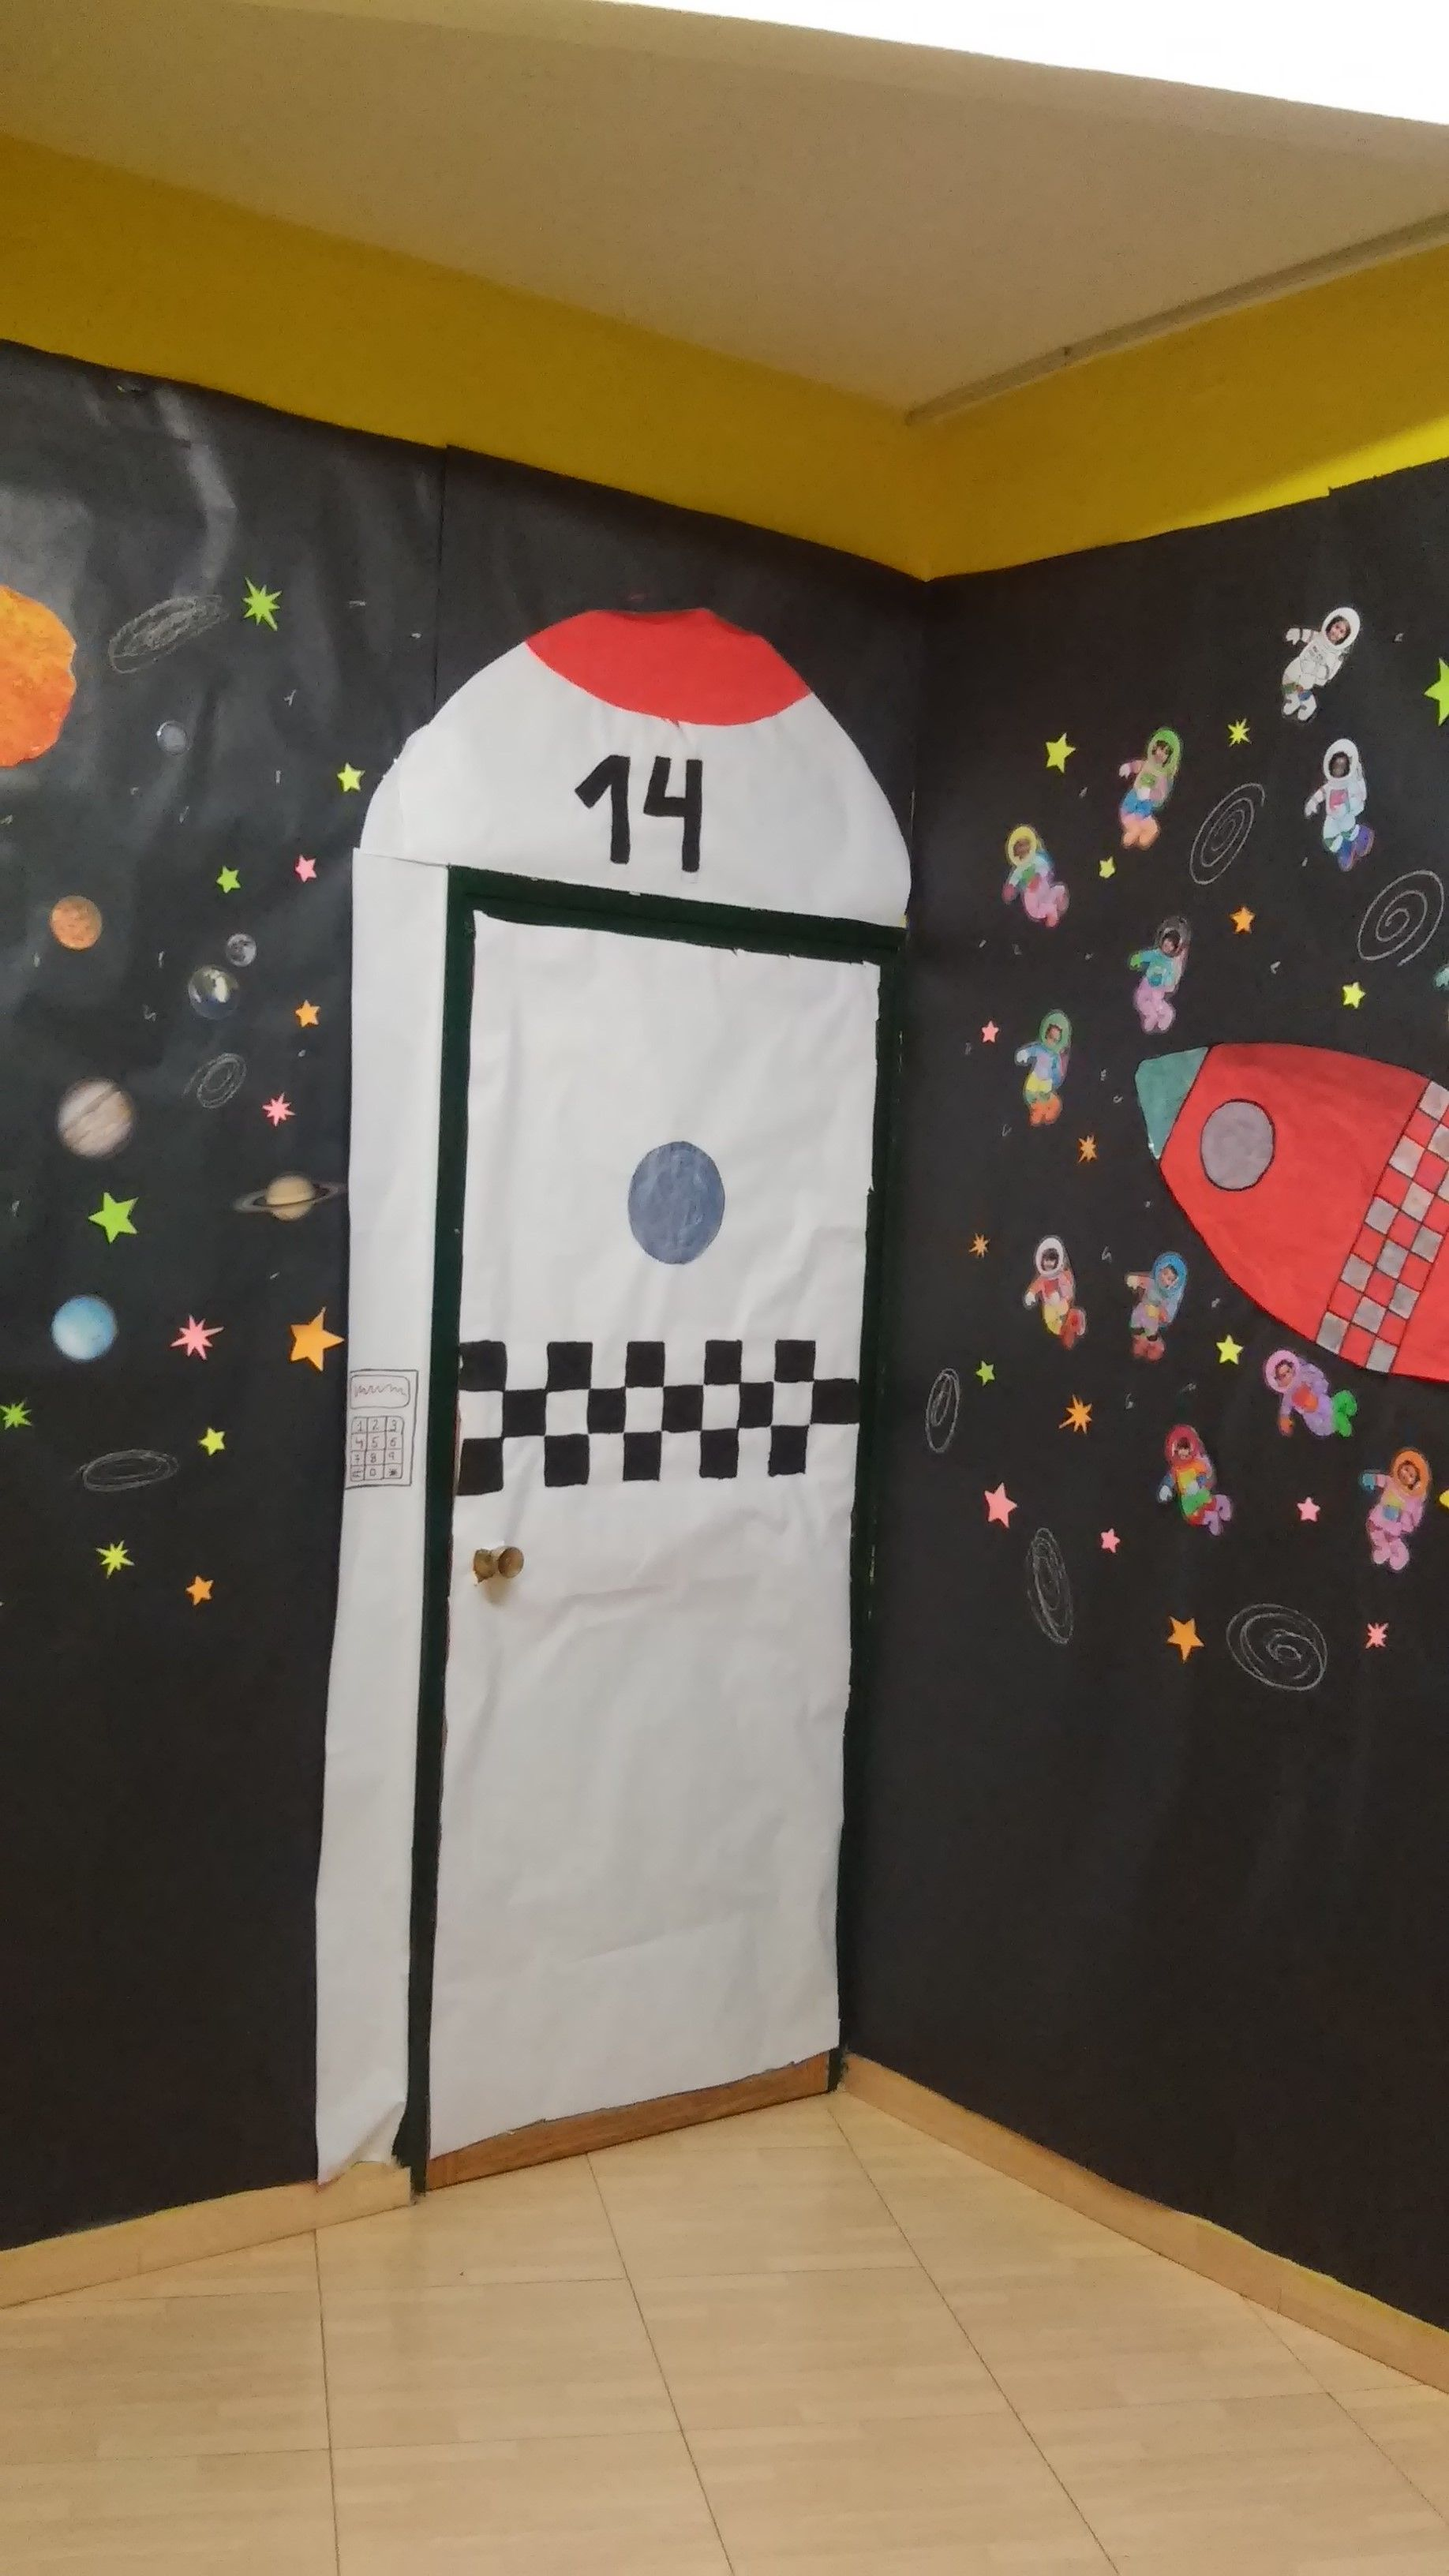 Puerta de mi aula con el proyecto el universo proyecto for Decoracion el universo del hogar